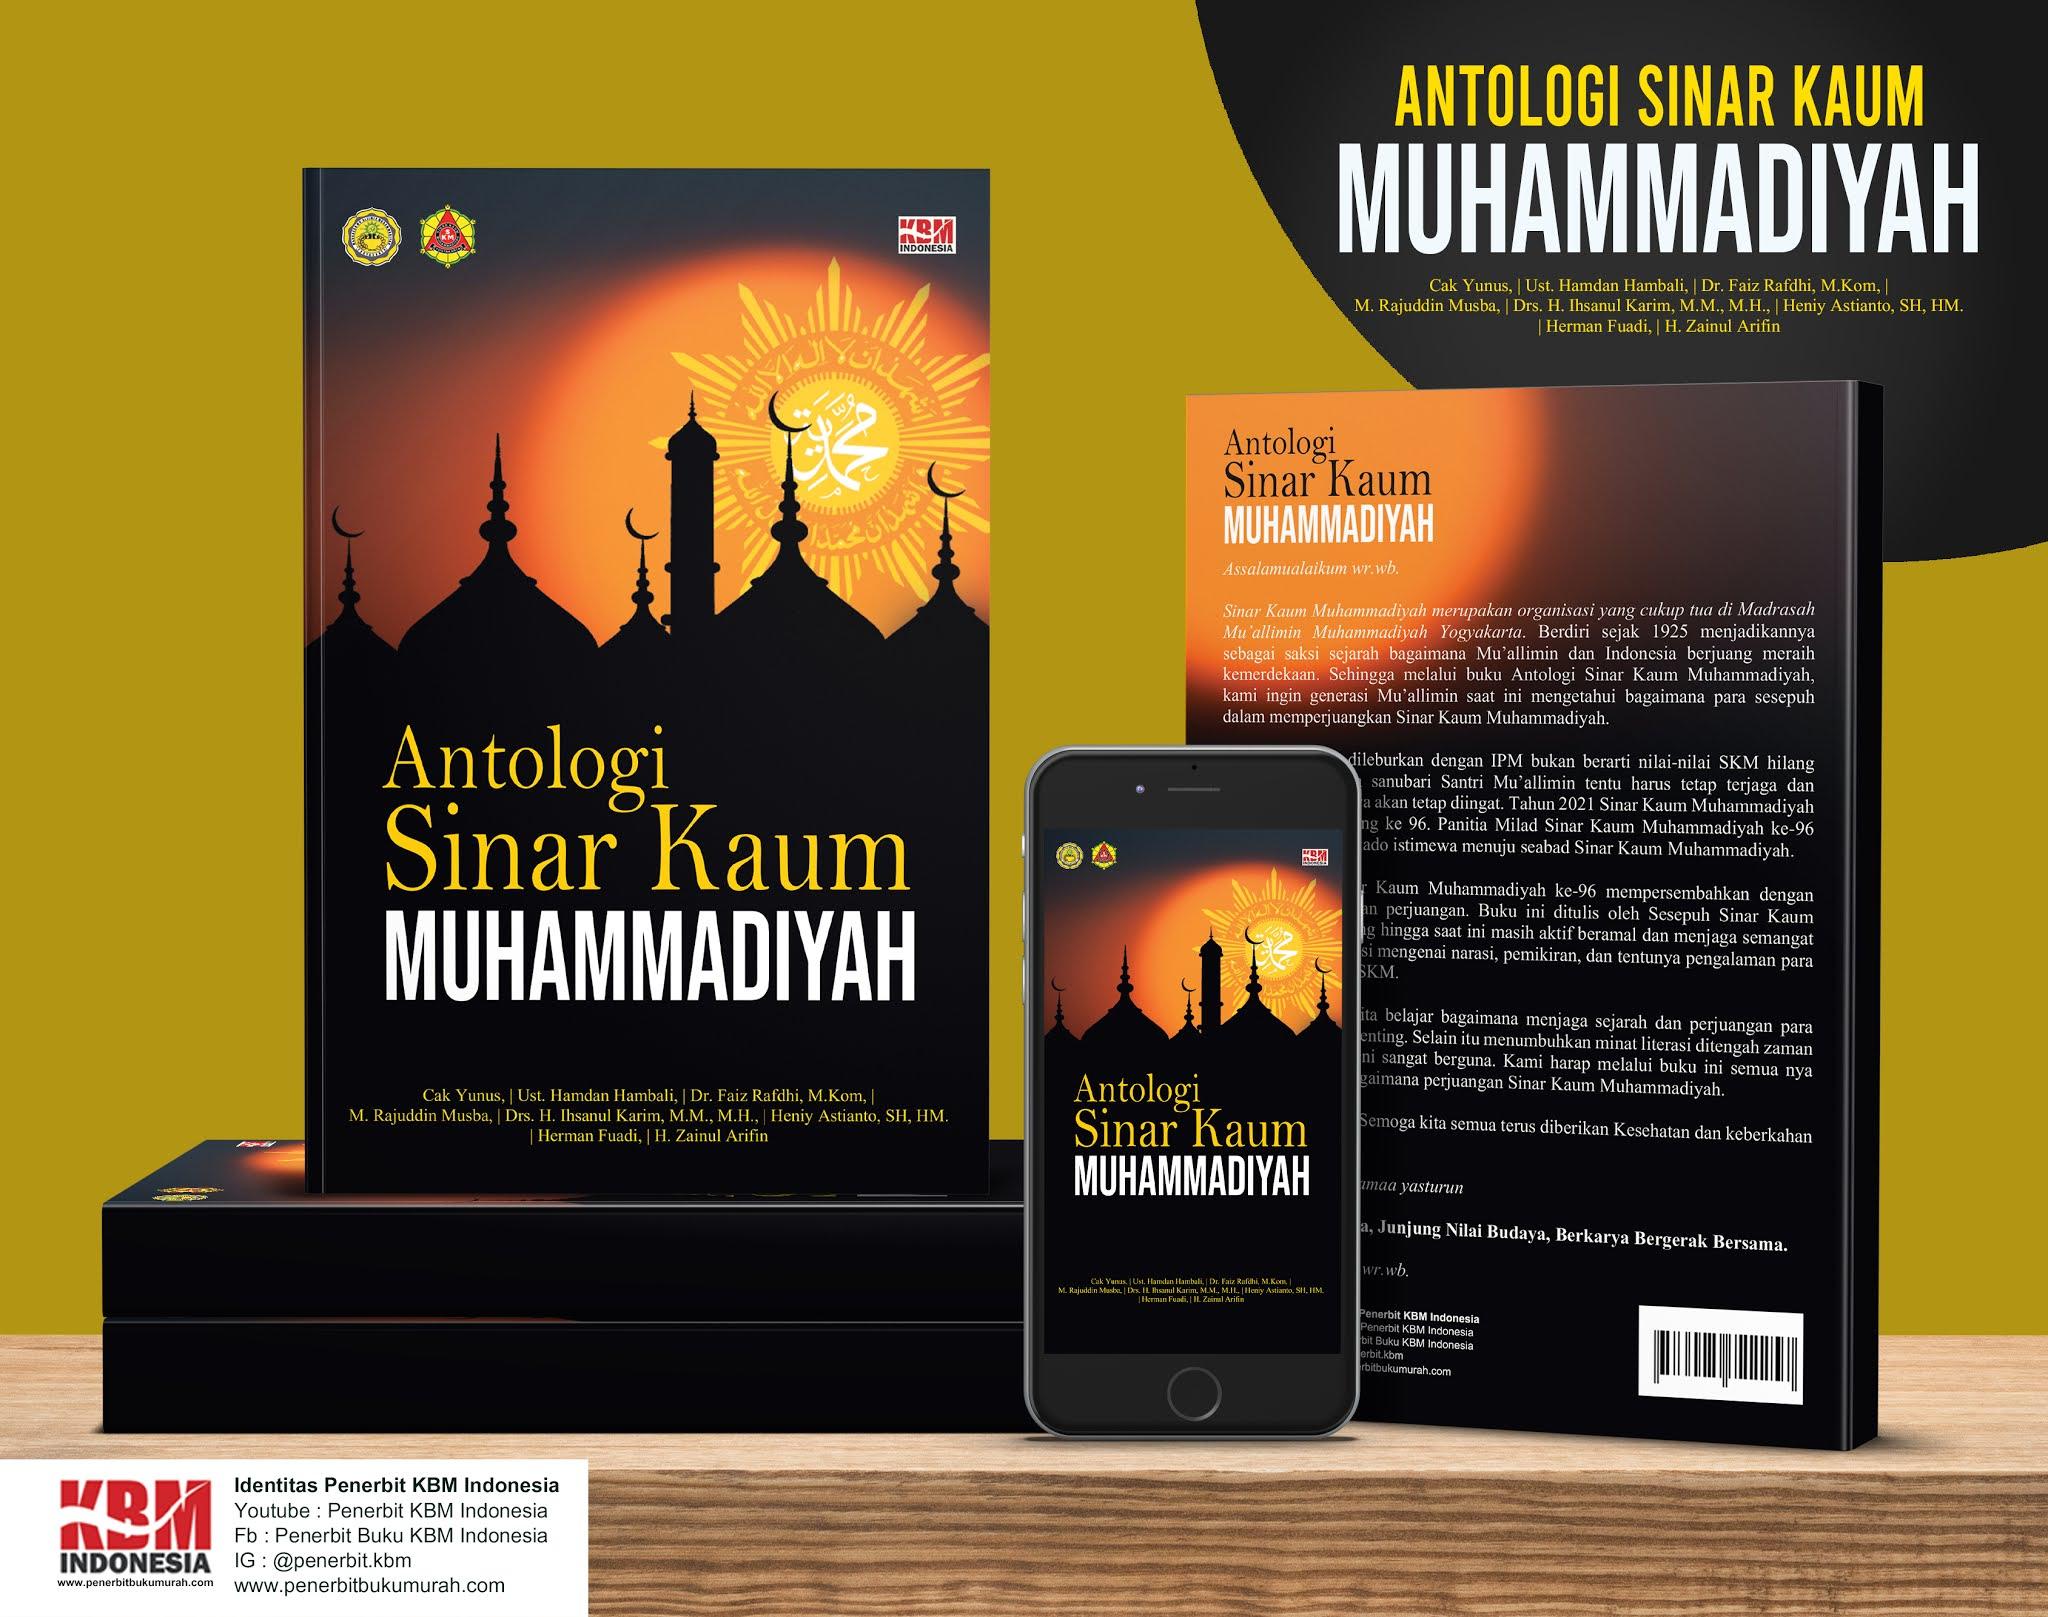 ANTOLOGI SINAR KAUM MUHAMMADIYAH